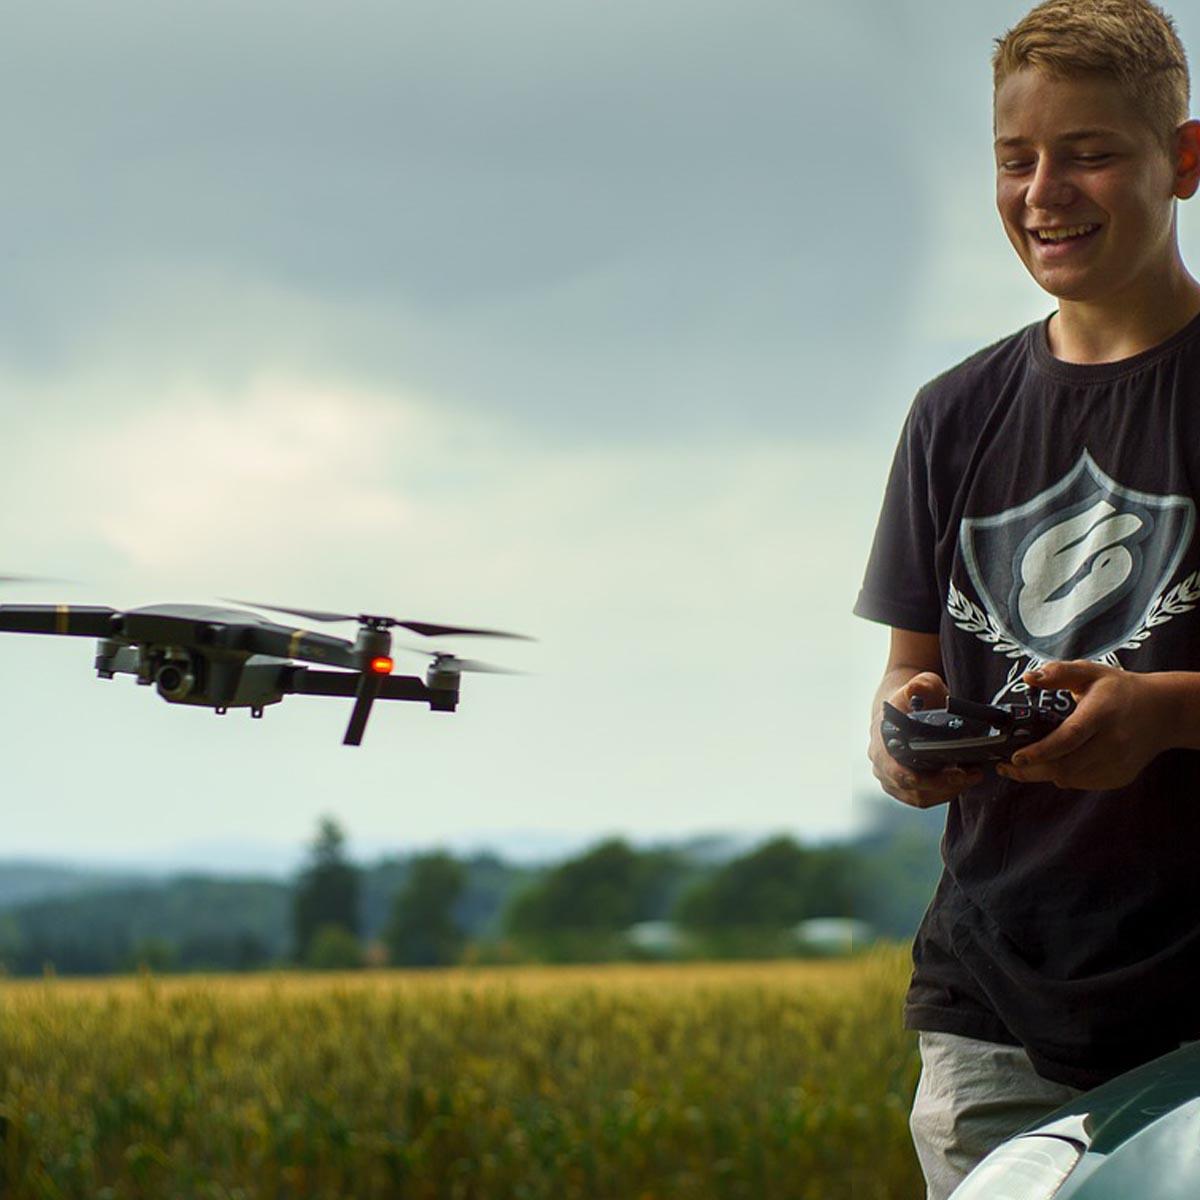 ТОП-8 Лучшие недорогие дроны 2021 года